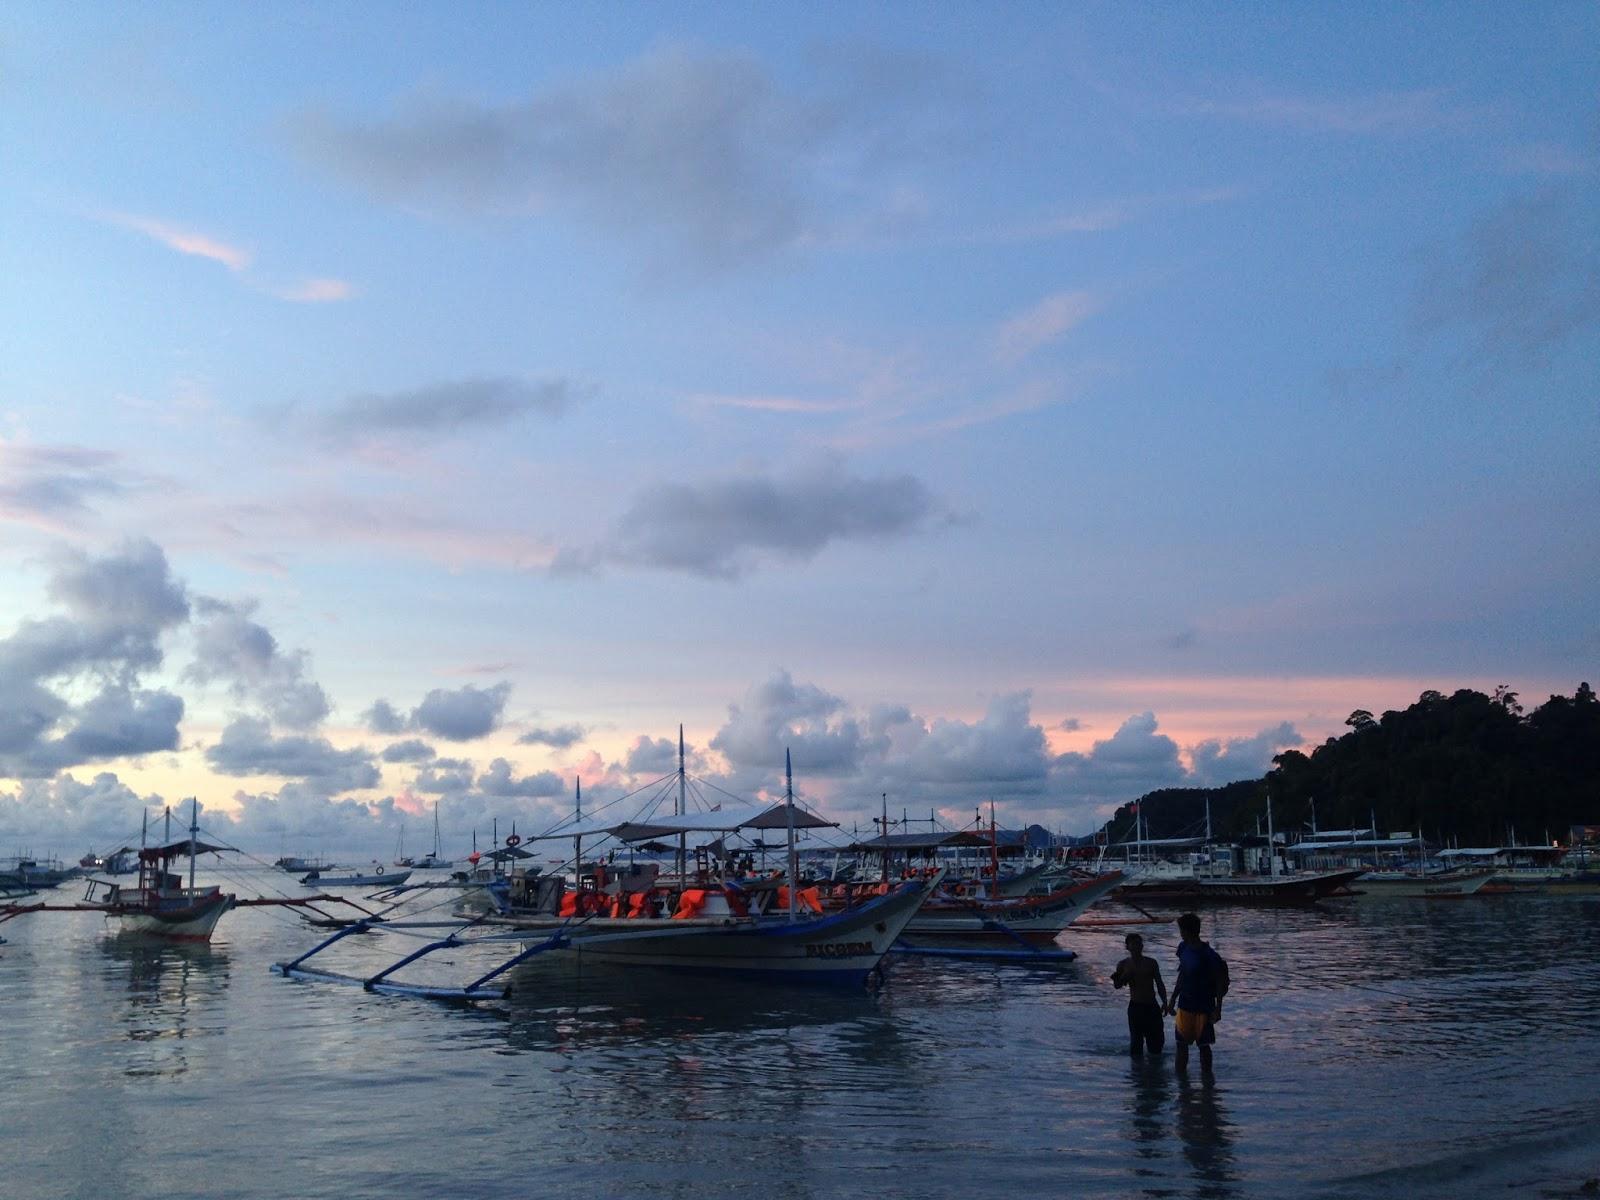 El Nido,Palawan sunset 2 of 2